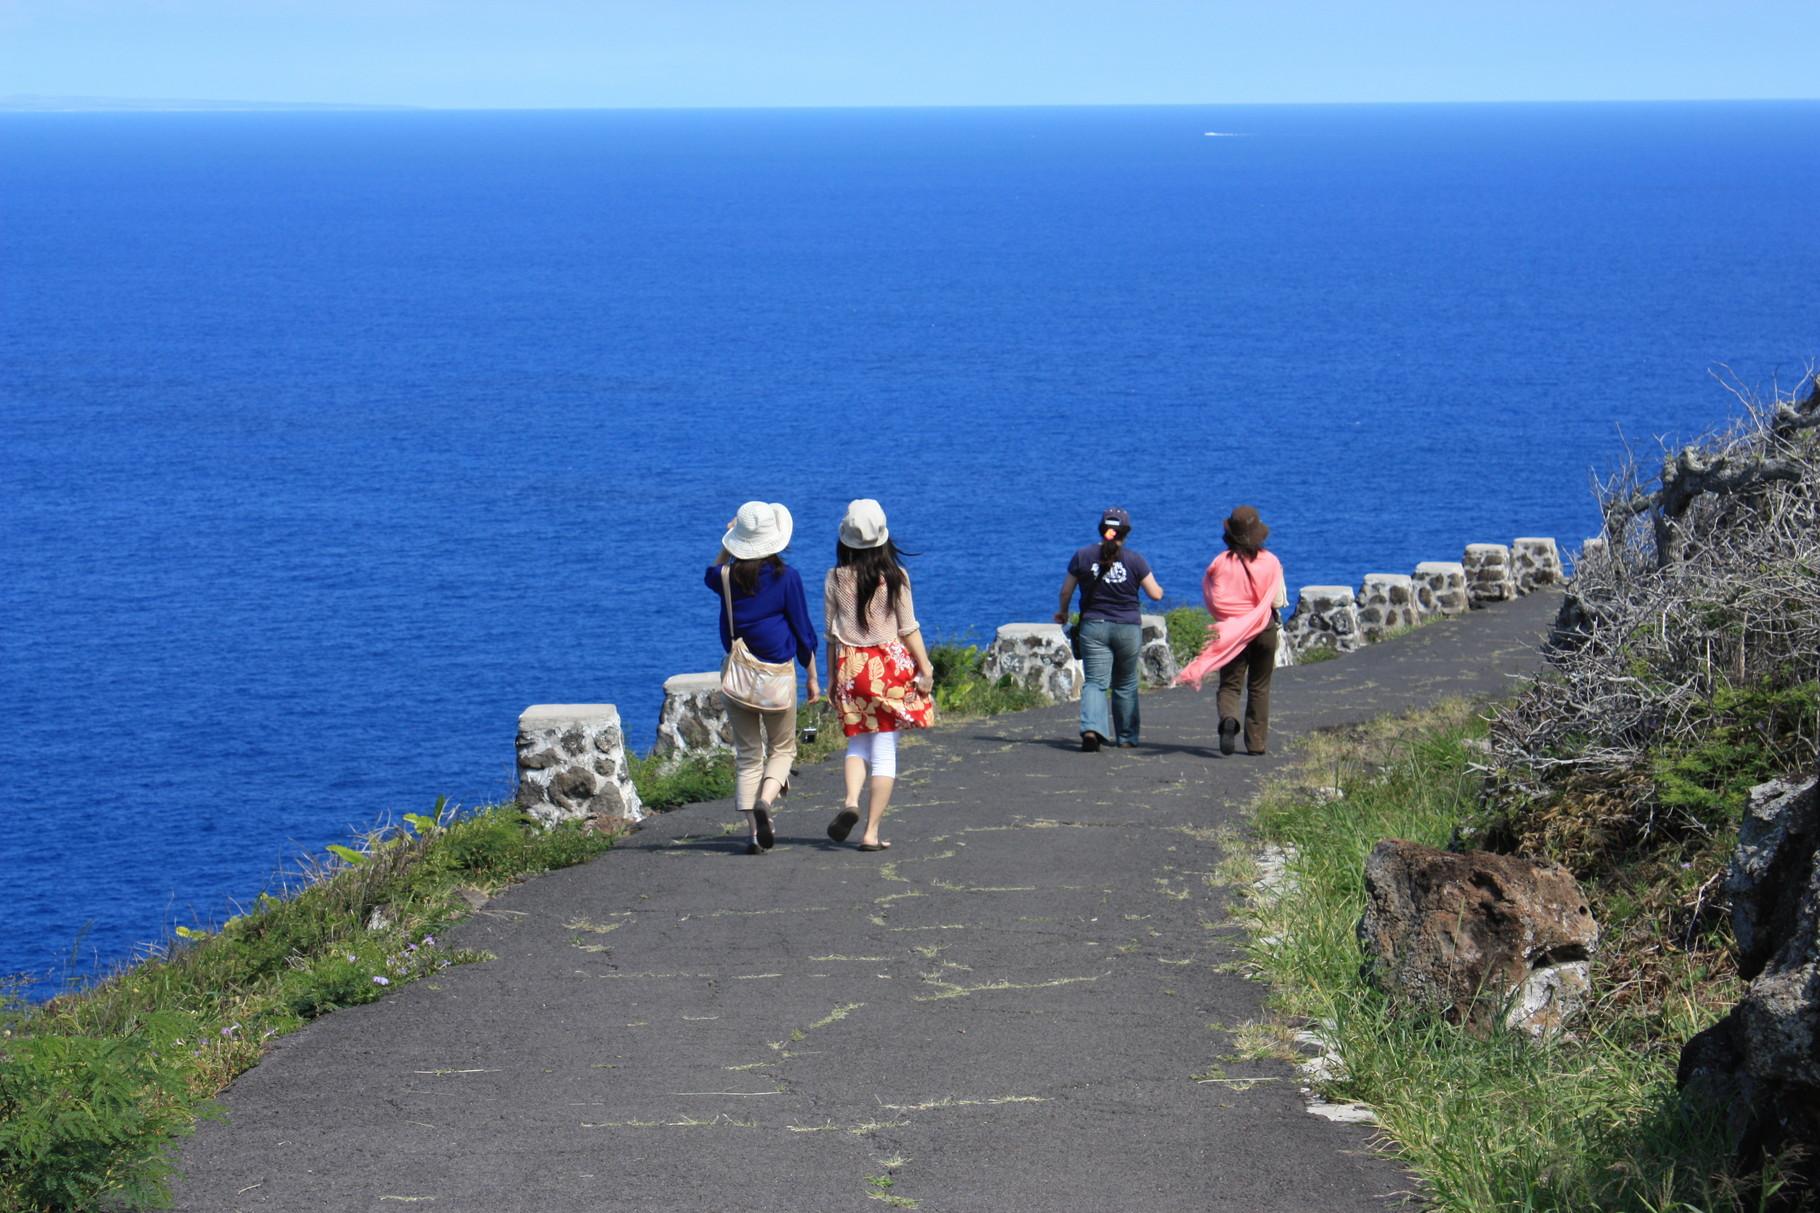 青い空、青い海!坂を下りるに従って思考が軽くなっていく~